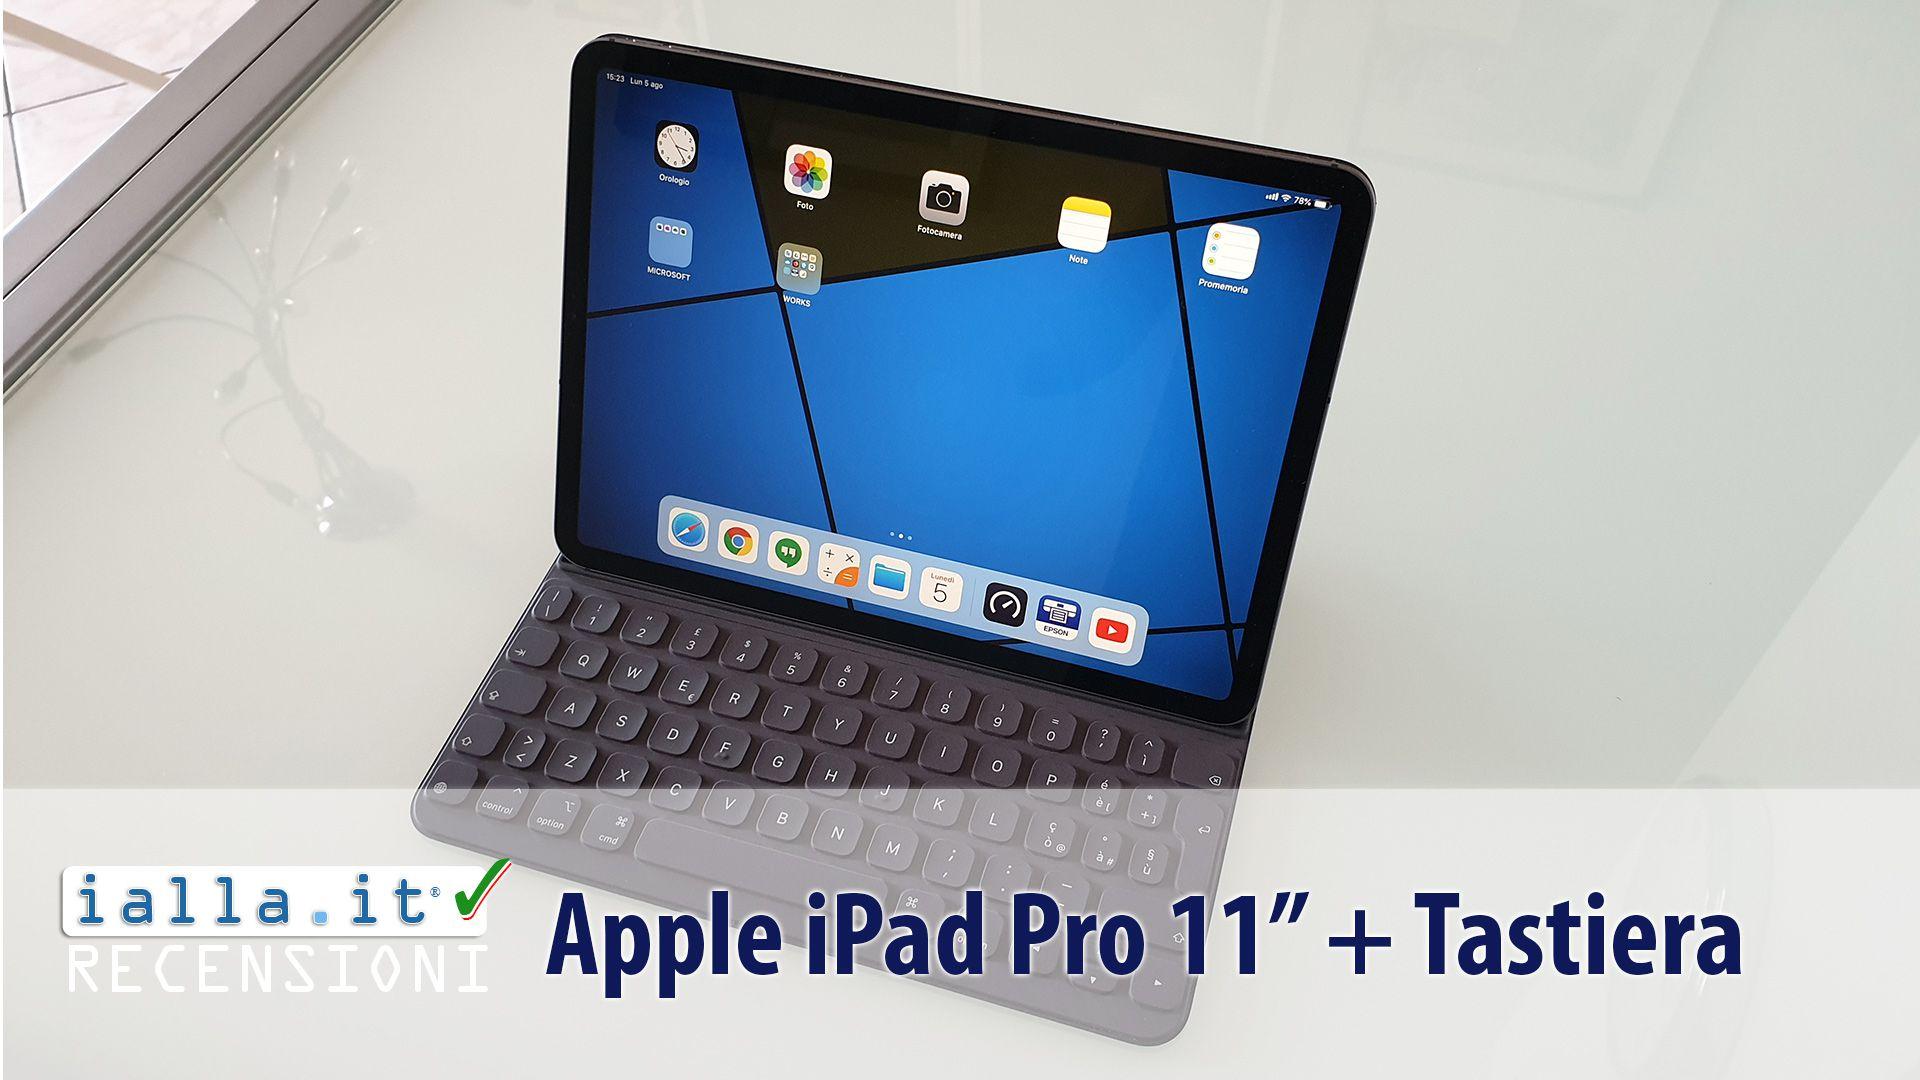 Si può collegare una tastiera regolare per un iPad